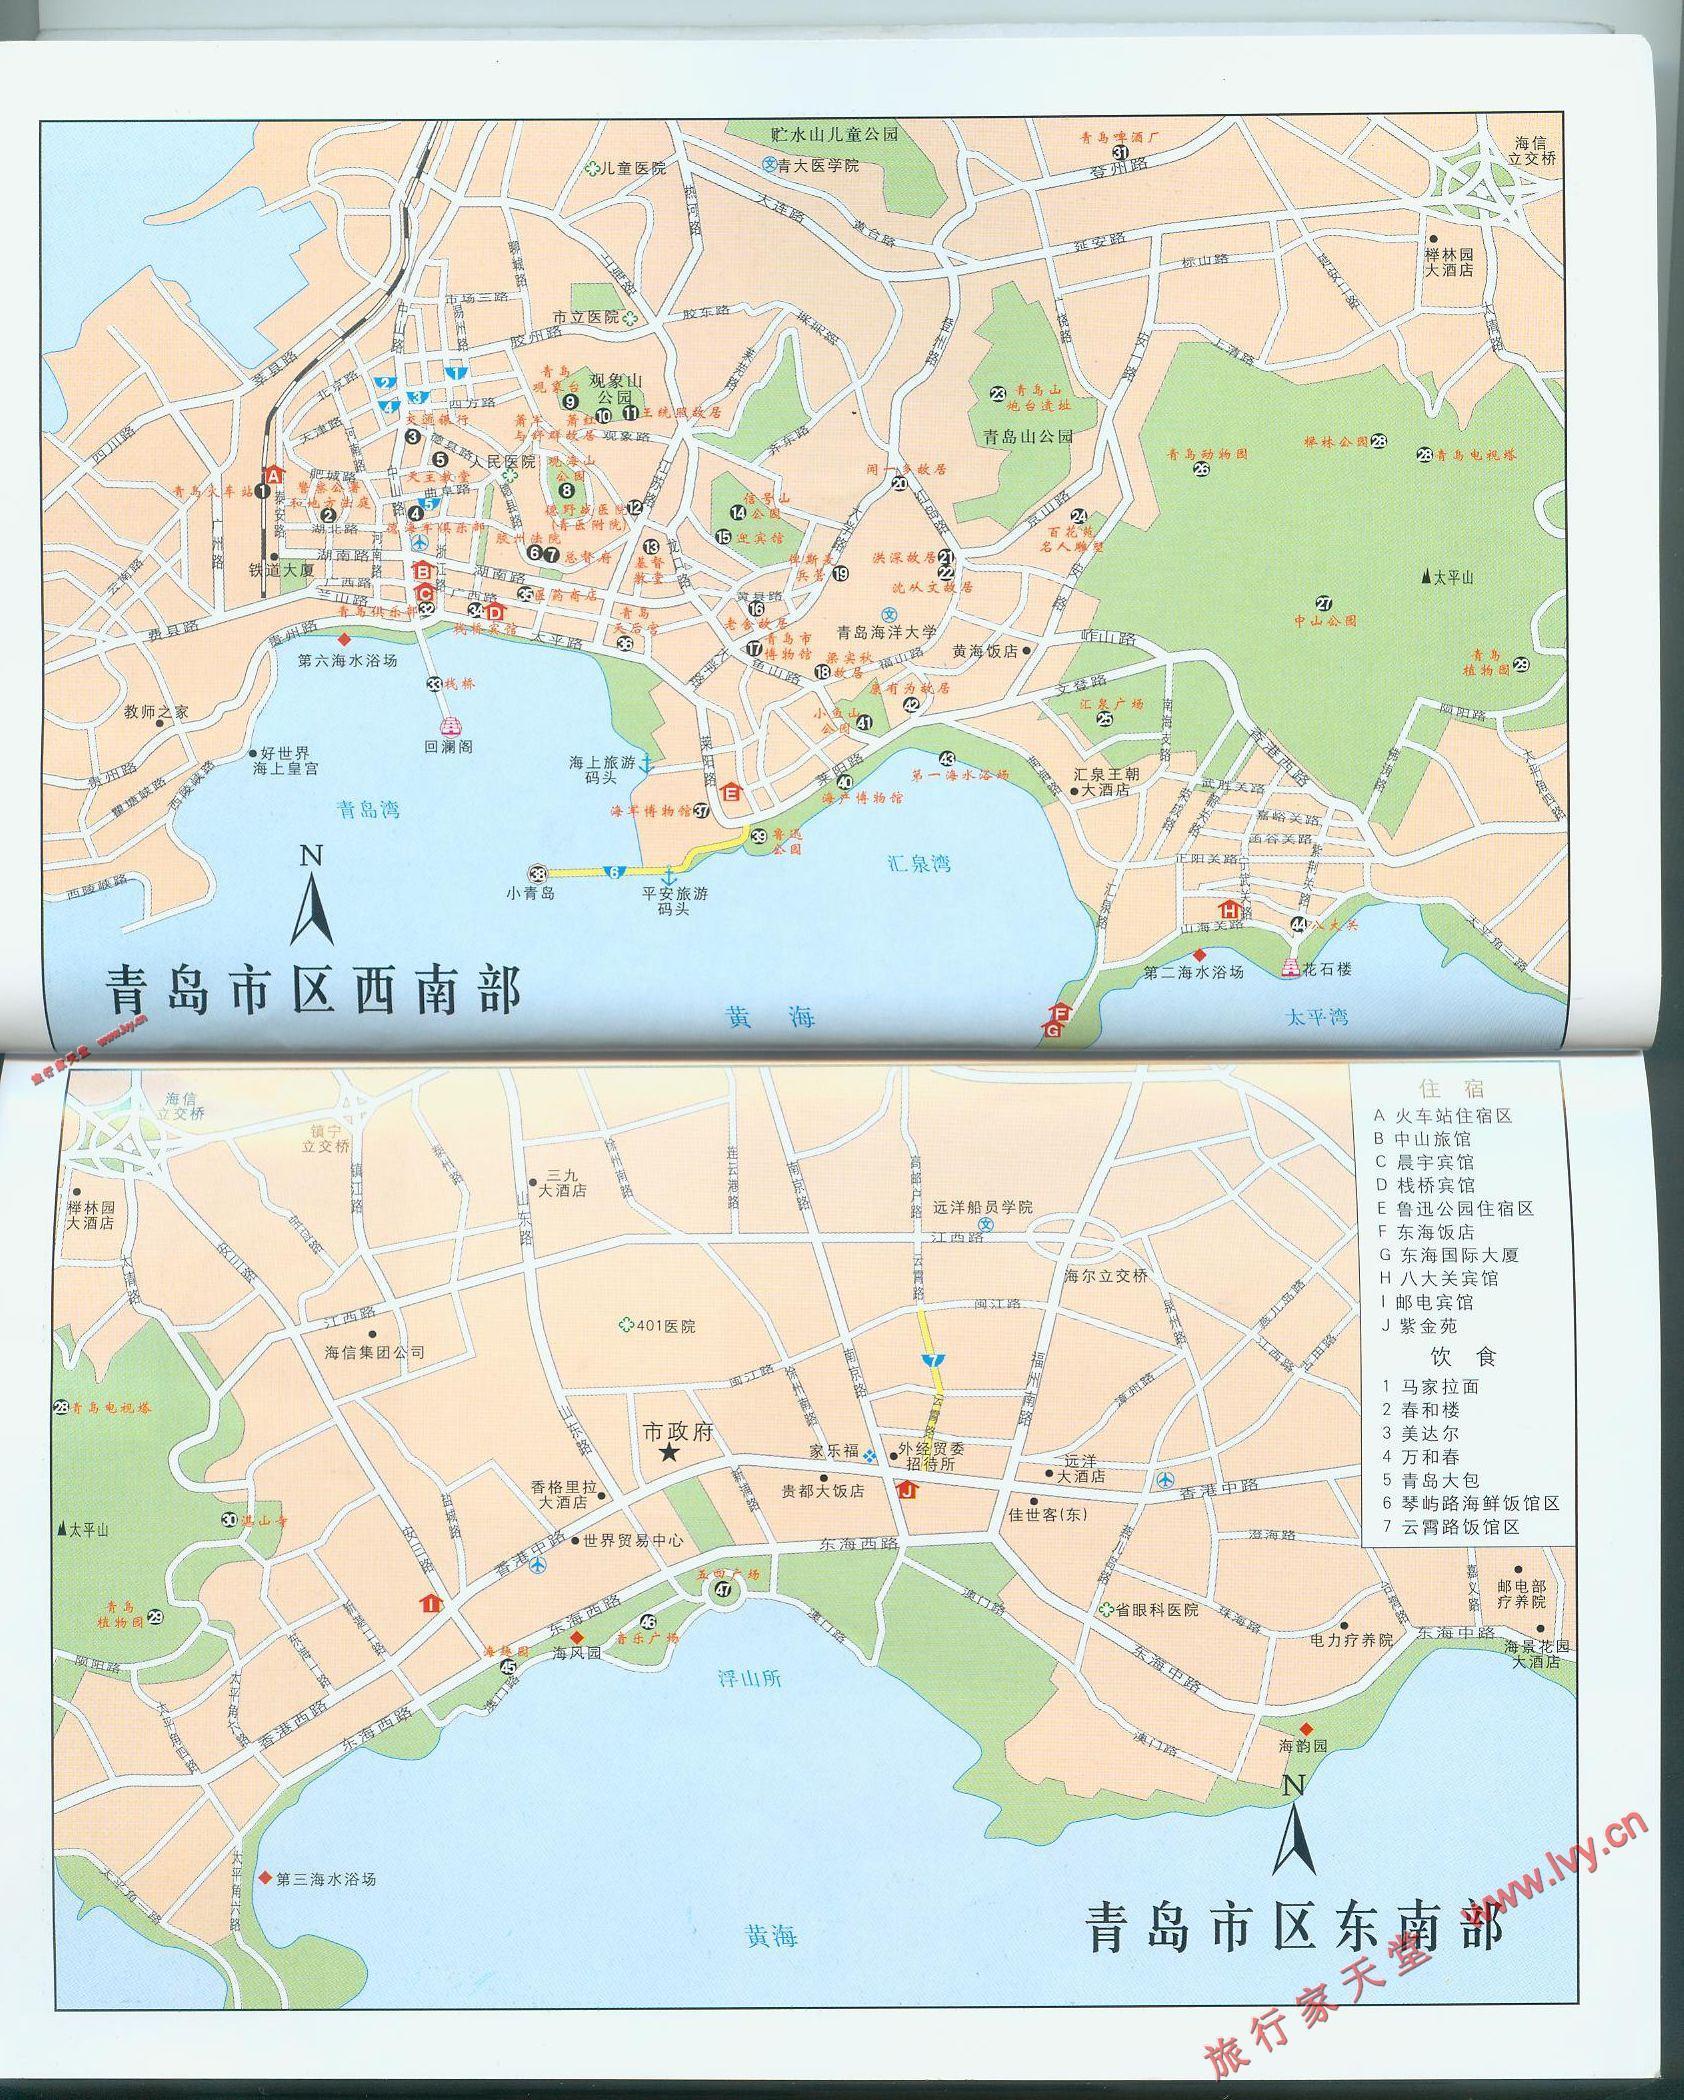 青岛市区包括哪几个区?